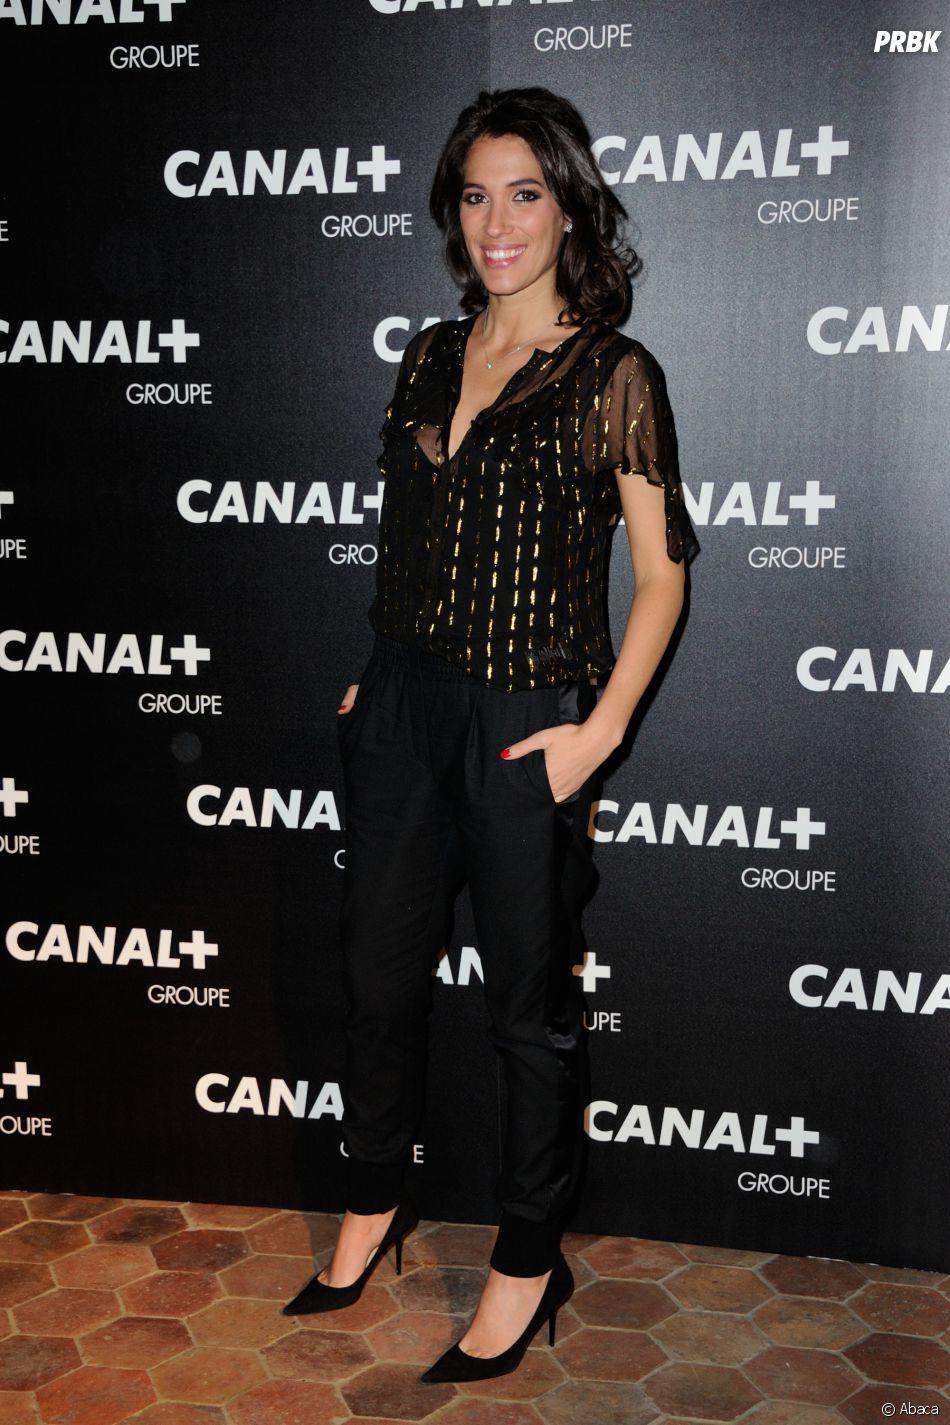 Laurie Cholewa rejoint Canal + pour la rentrée de septembre 2016